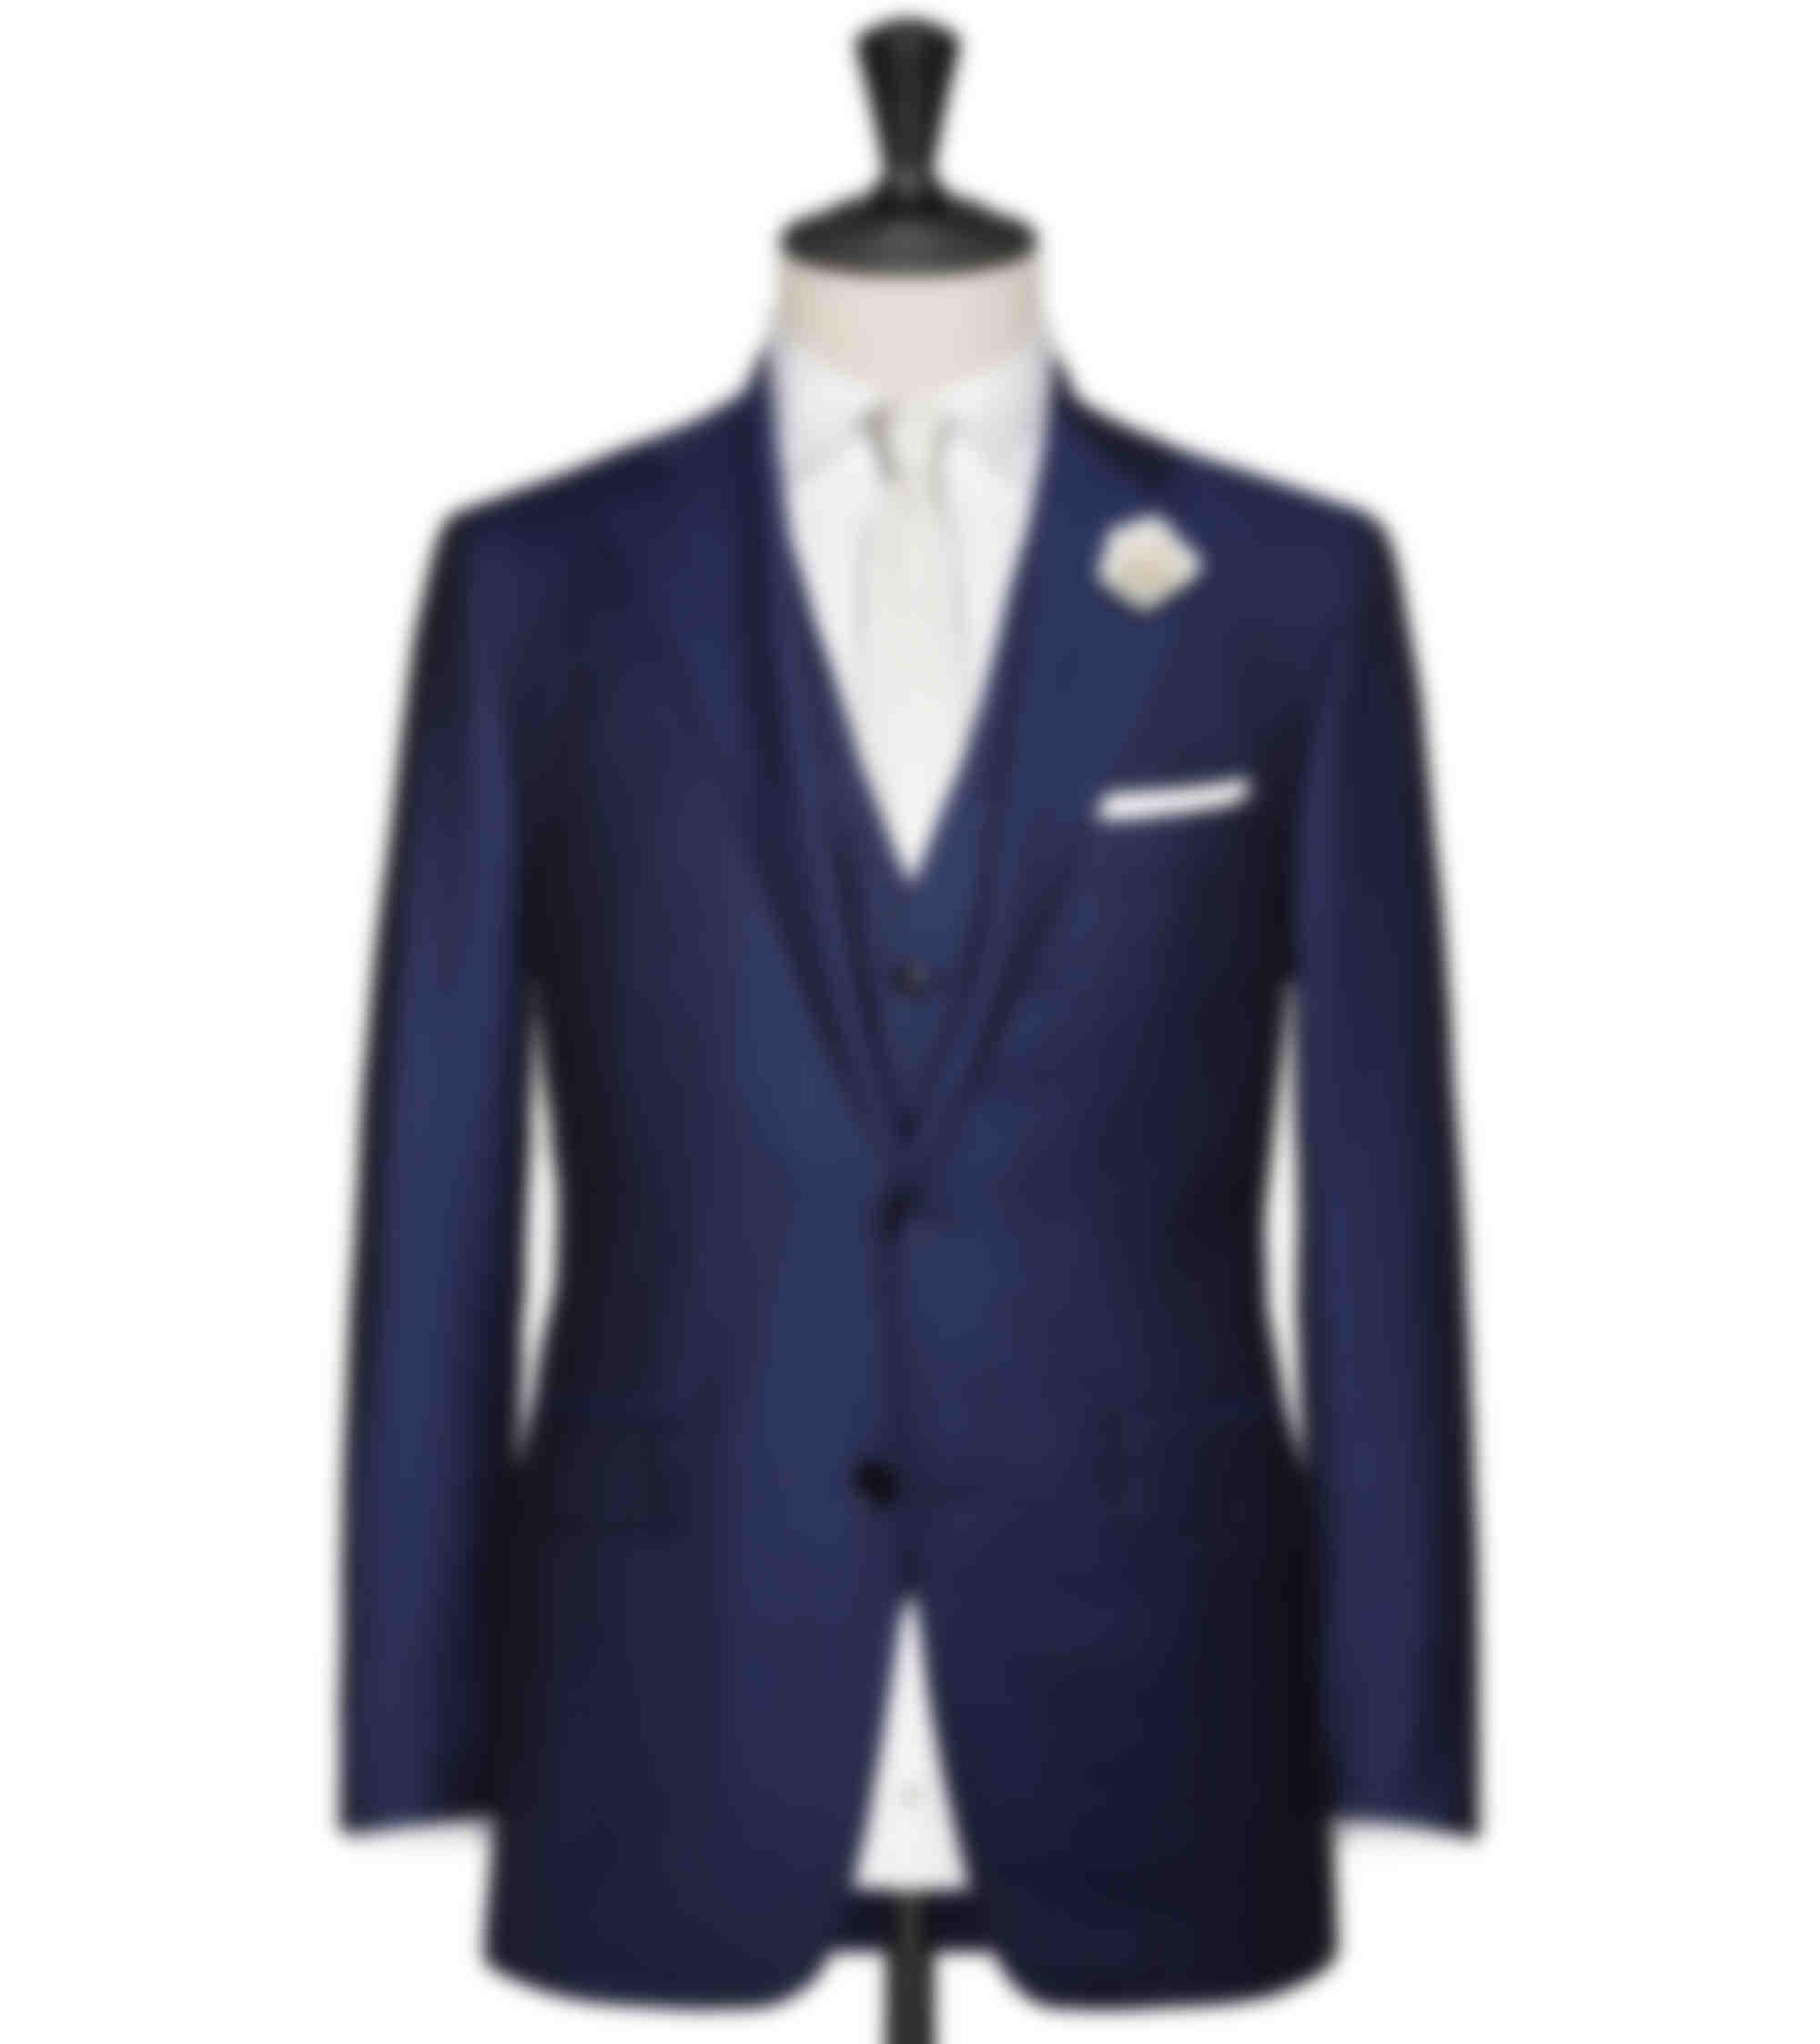 Costume sur mesure Mariage 3 pièces bleu foncé avec cravate en soie crème et chemise sur mesure blanche